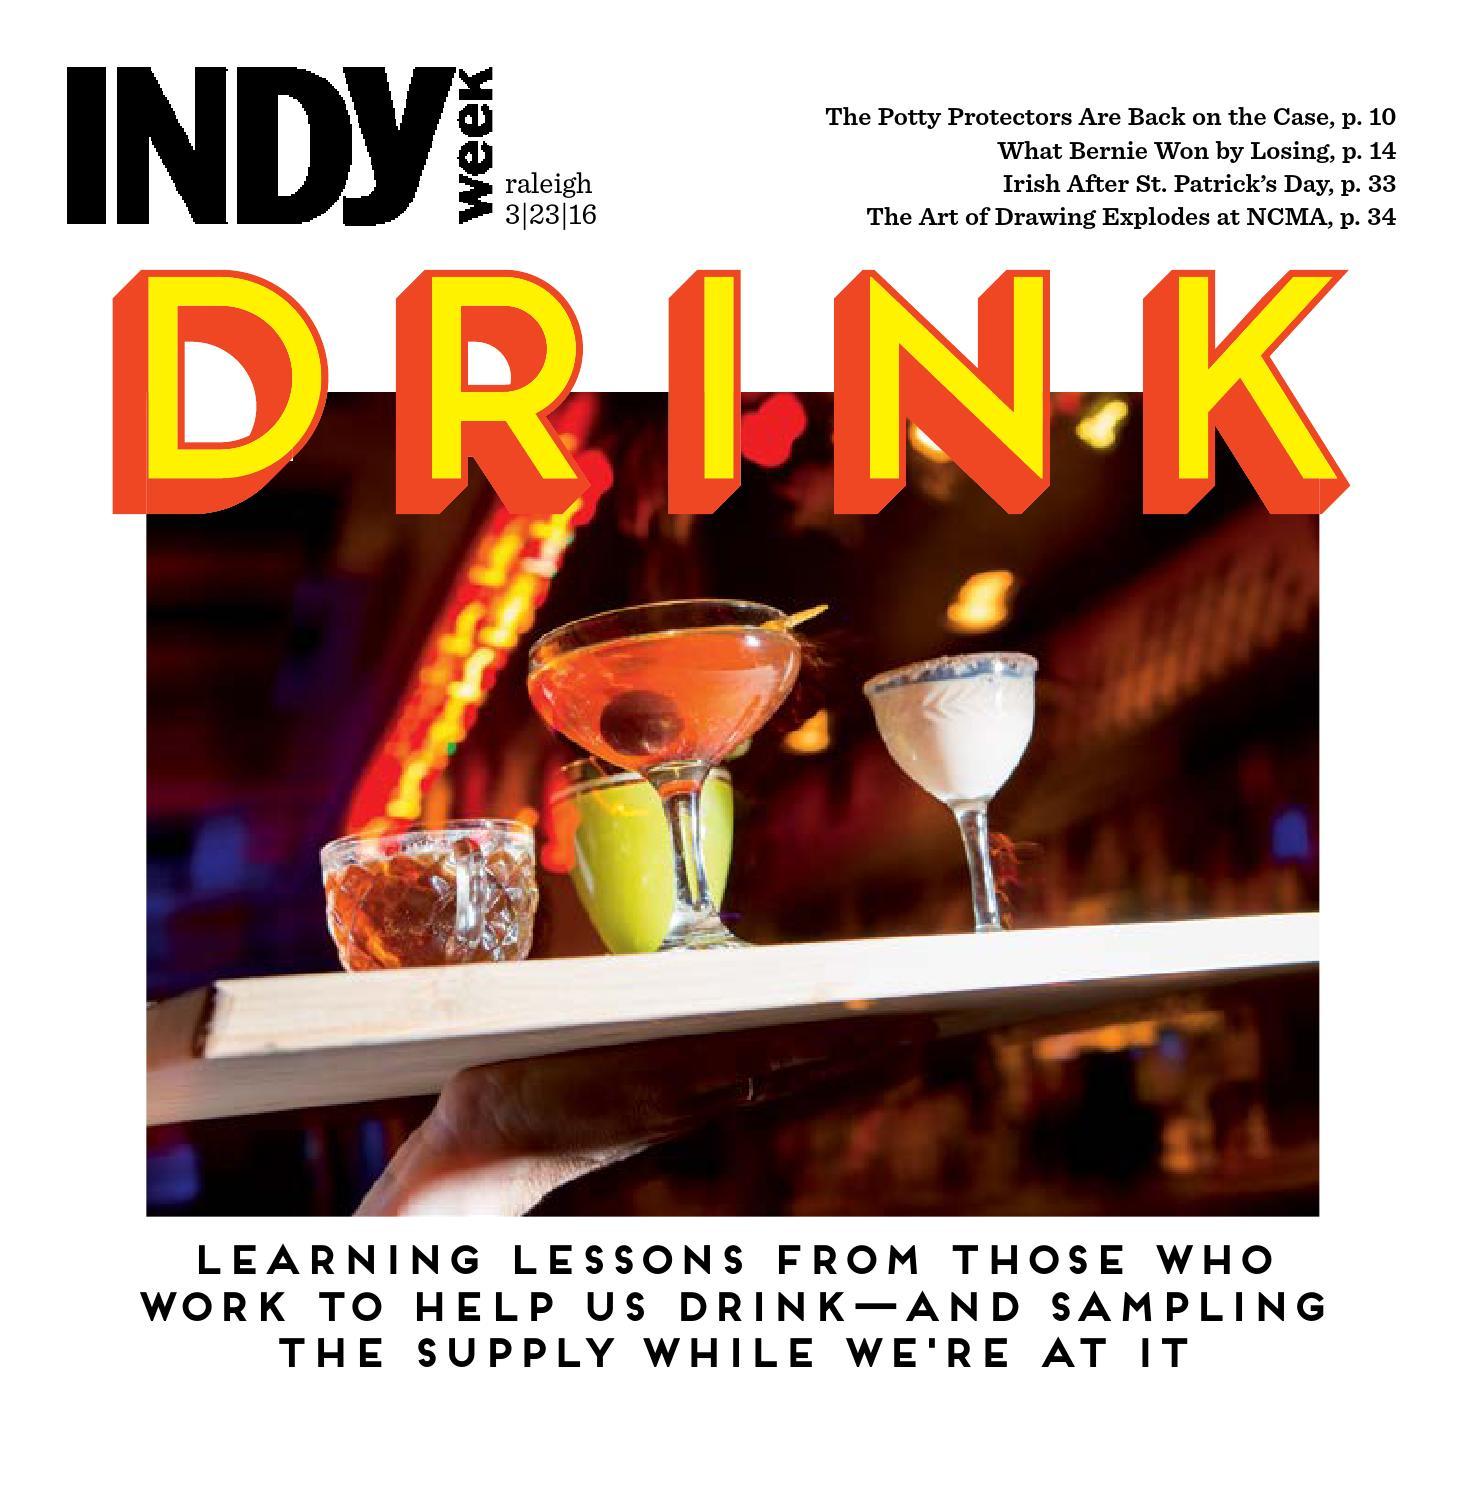 9636fe73449b97 INDY Week 3.23.16 by Indy Week - issuu